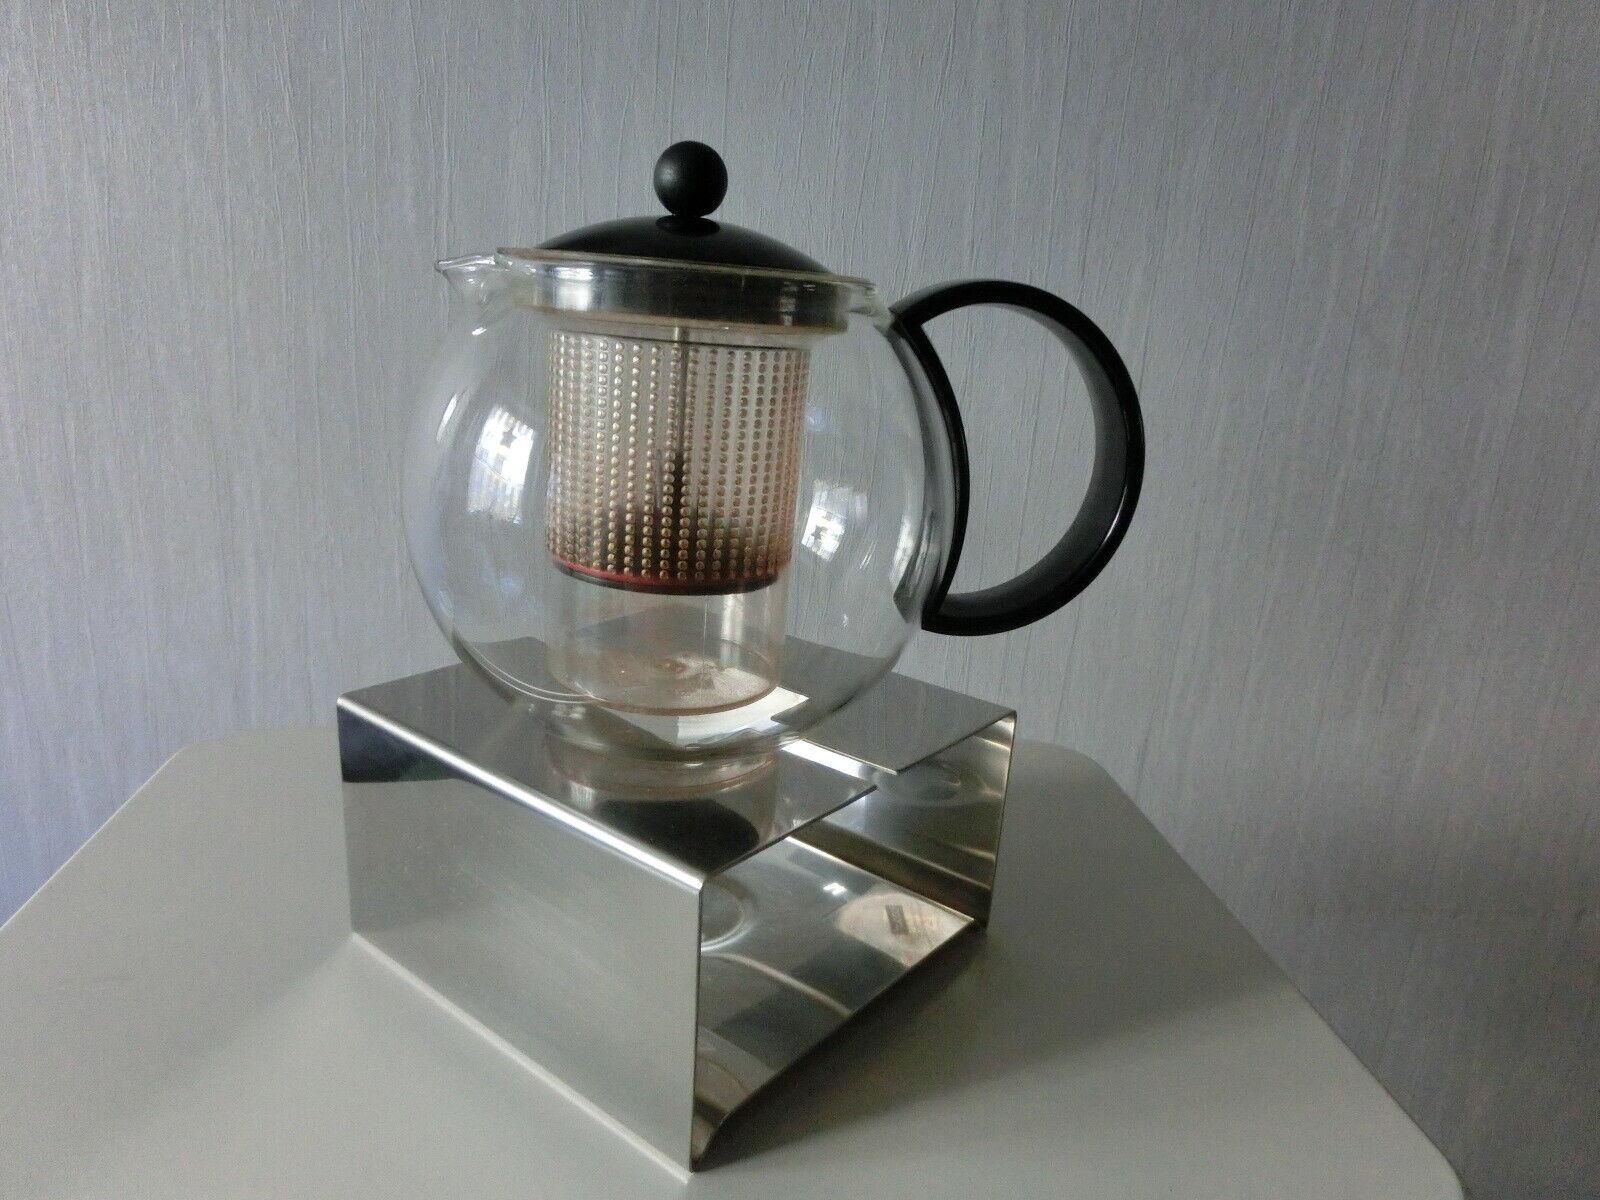 Teekanne Mit Sieb Und Stövchen Test Vergleich Teekanne Mit Sieb